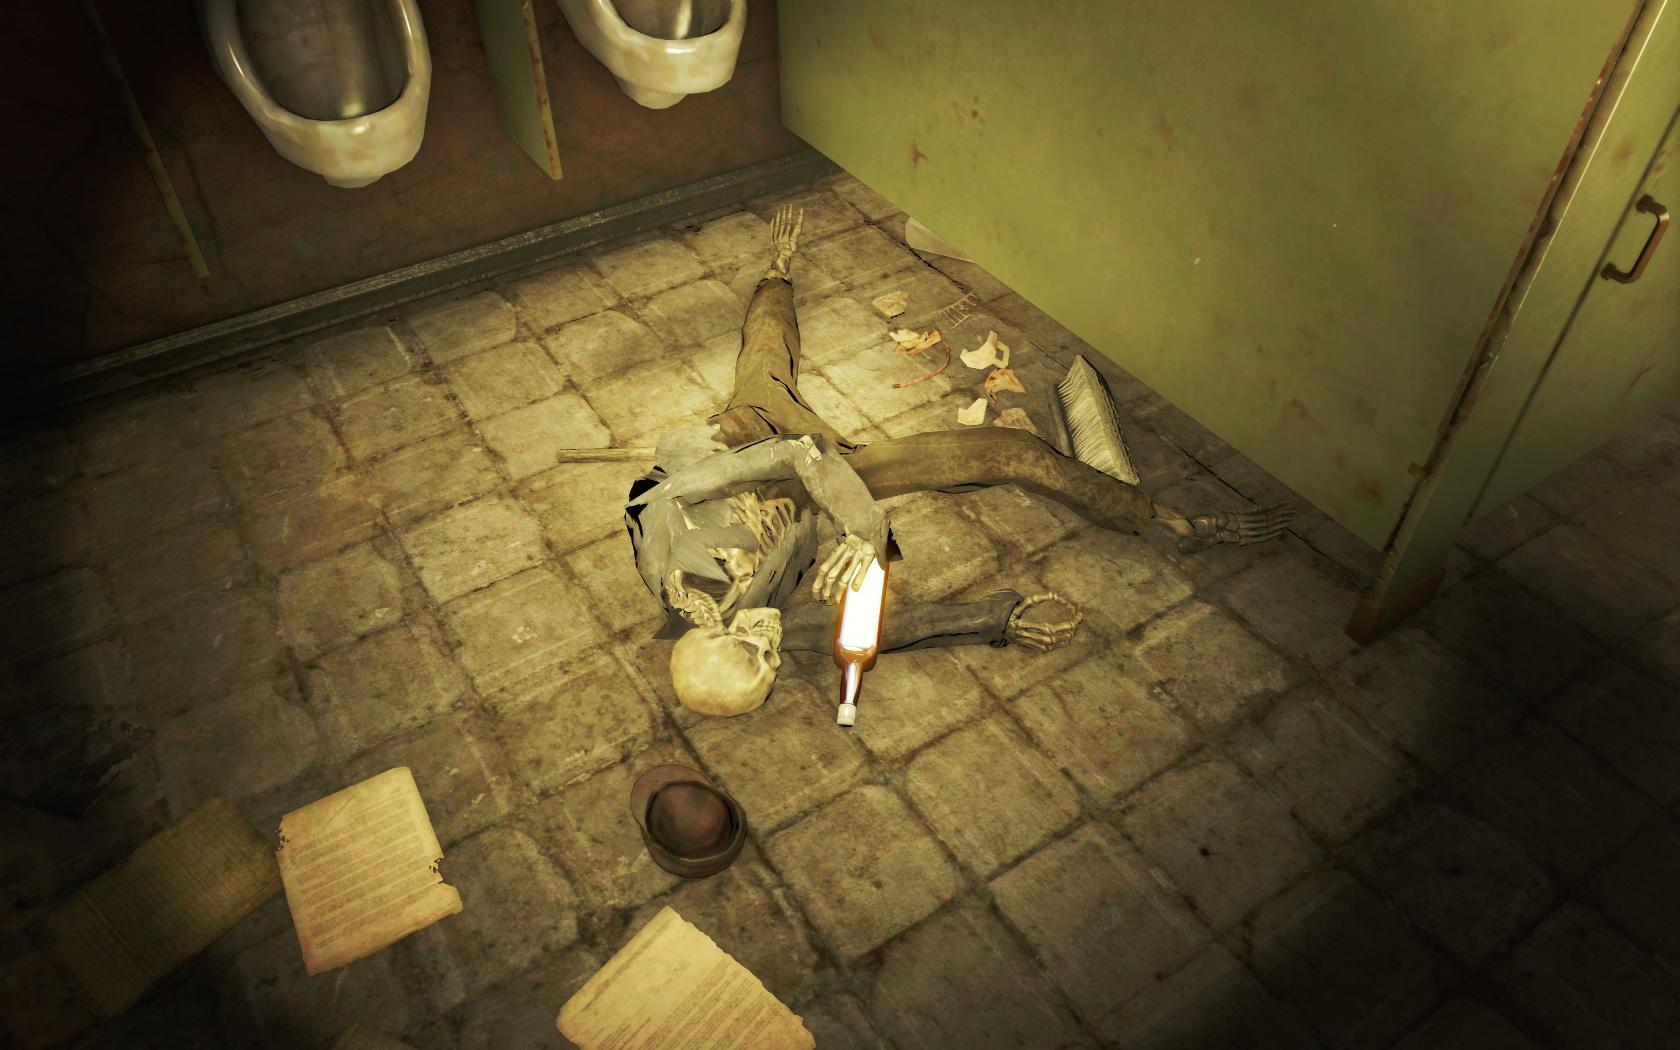 Приспичило выпить бурбона в сортире (Подготовительная школа Восточного Бостона) - Fallout 4 Бостон, бурбон, Восточный Бостон, Подготовительная, Скелет, школа